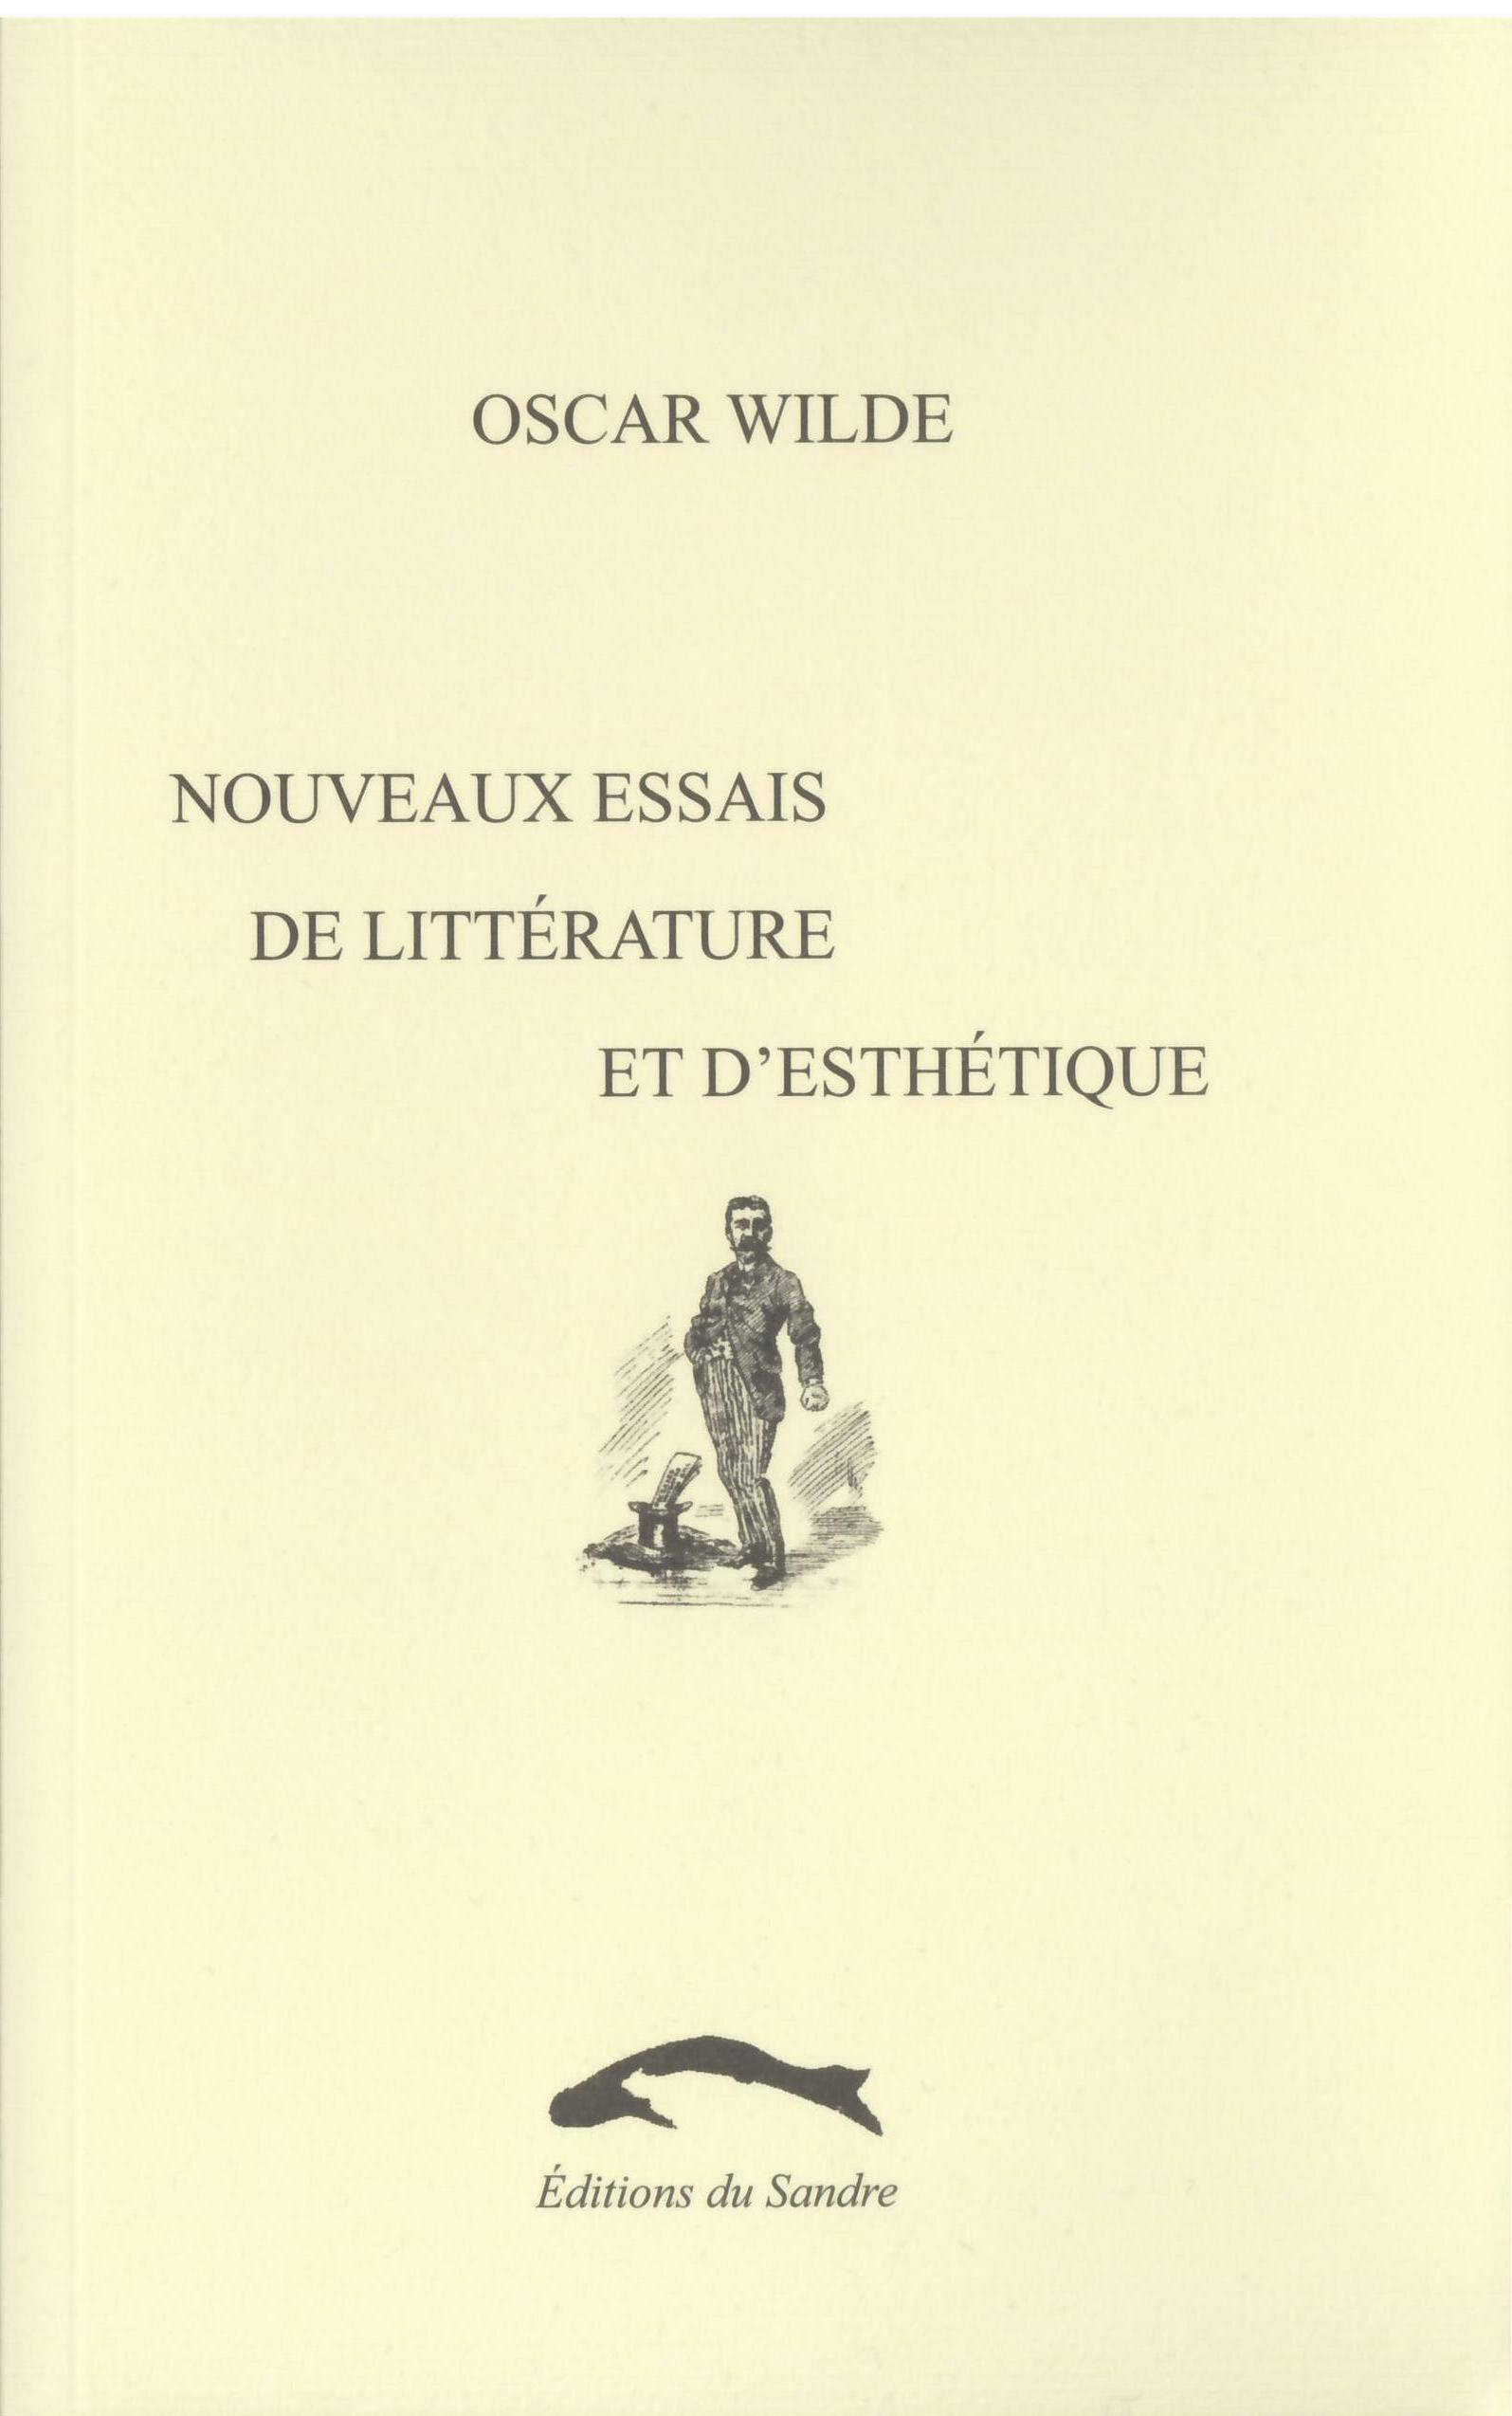 NOUVEAUX ESSAIS DE LITTERATURE ET D'ESTHETIQUE